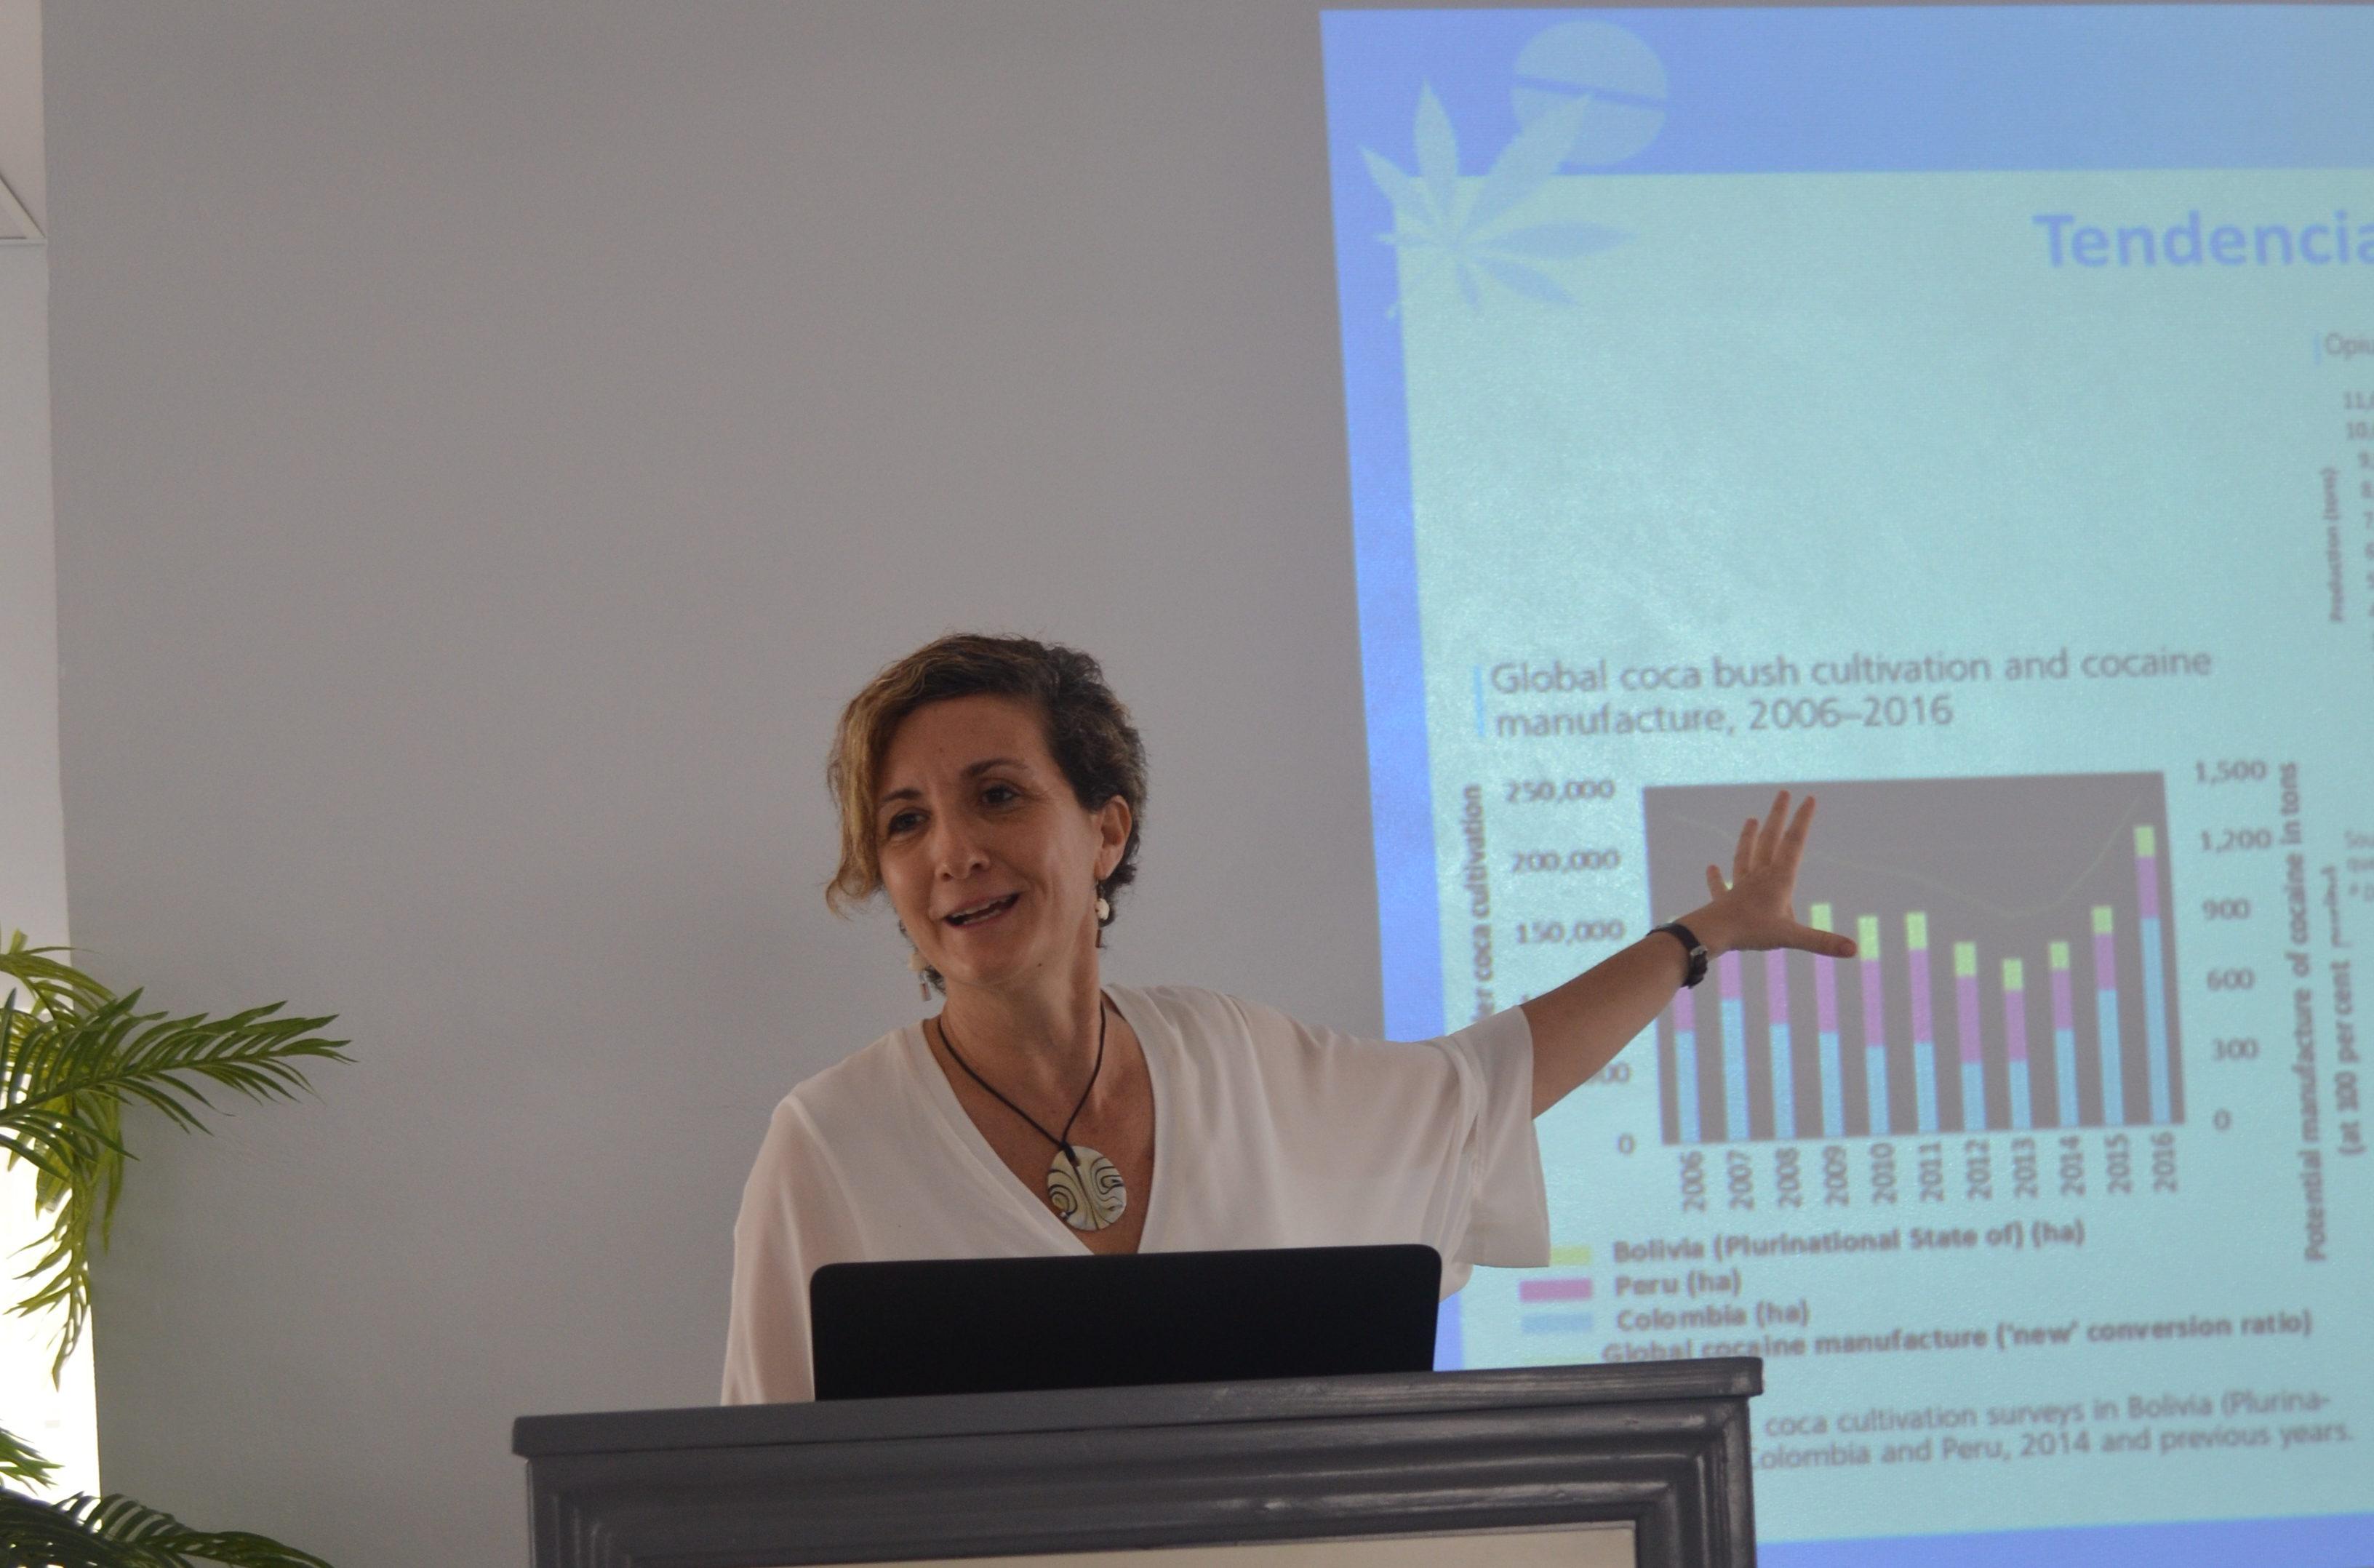 Informe sobre Drogas detalla desafíos para la salud pública